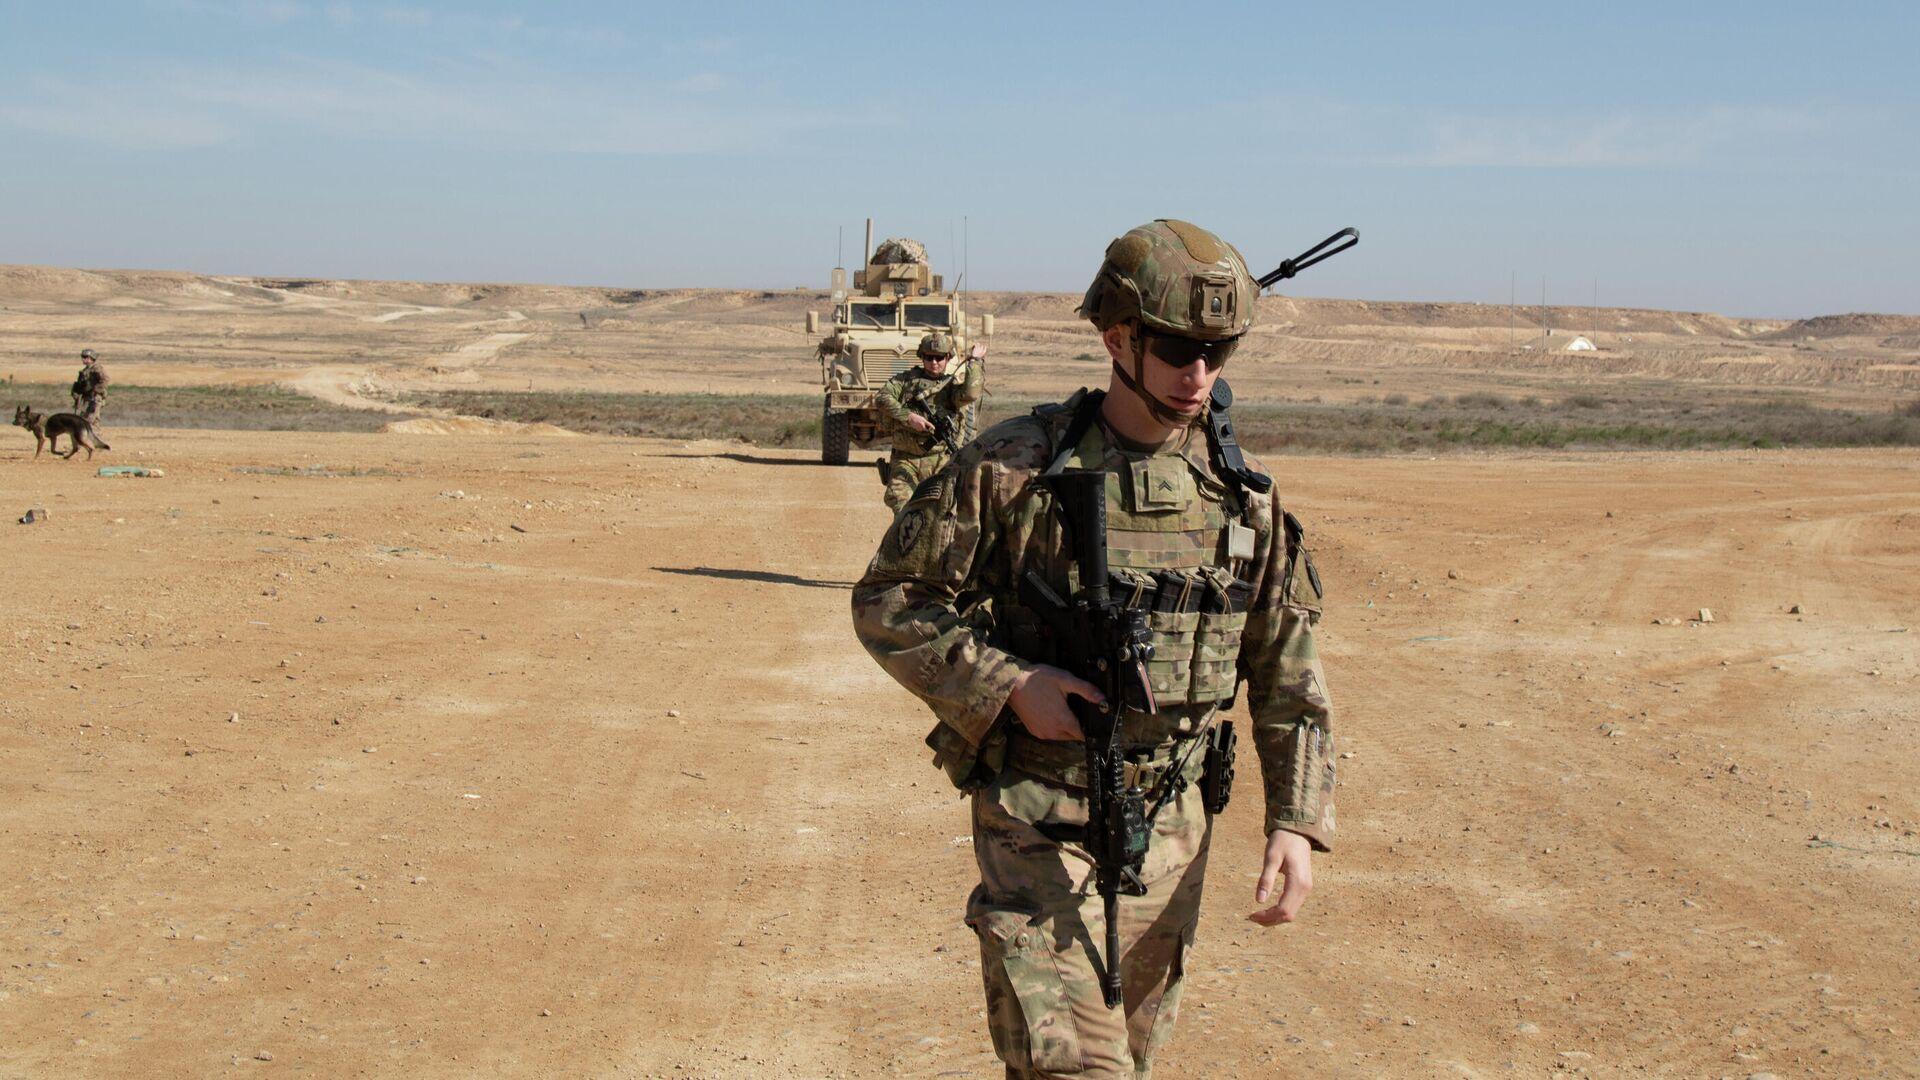 США начнут стратегический диалог с Ираком